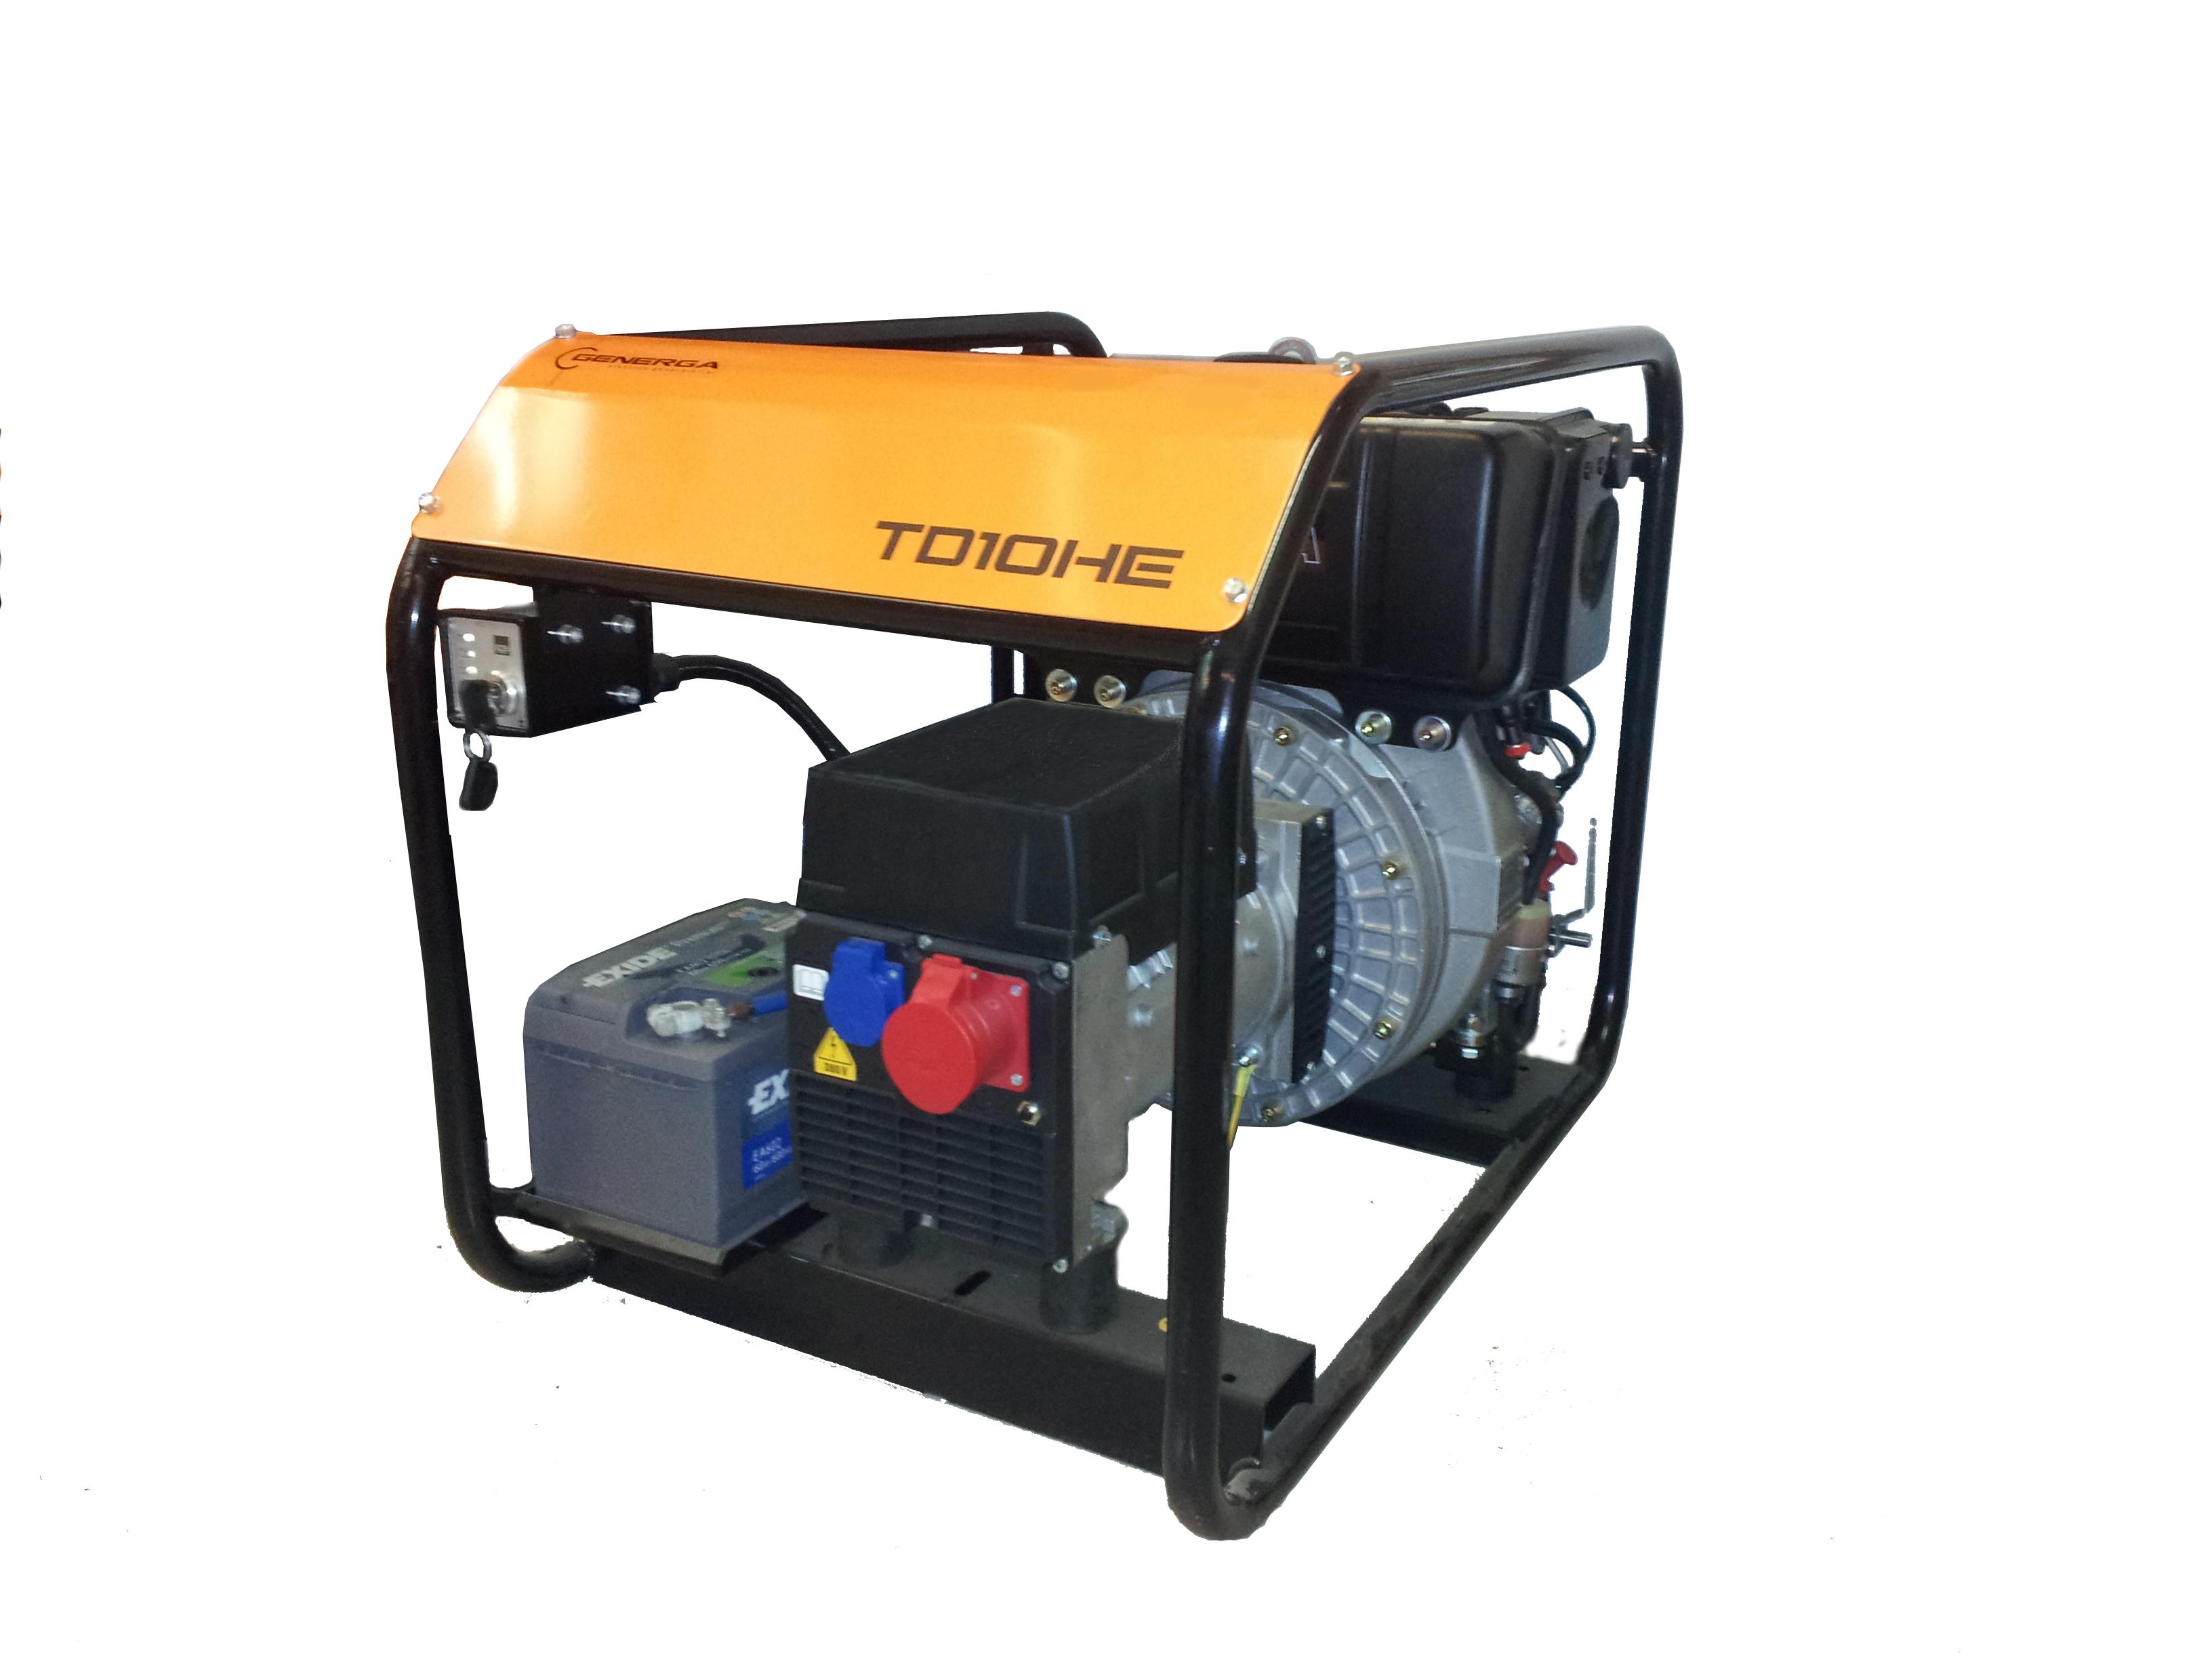 Diesel power generator TD 10 HE